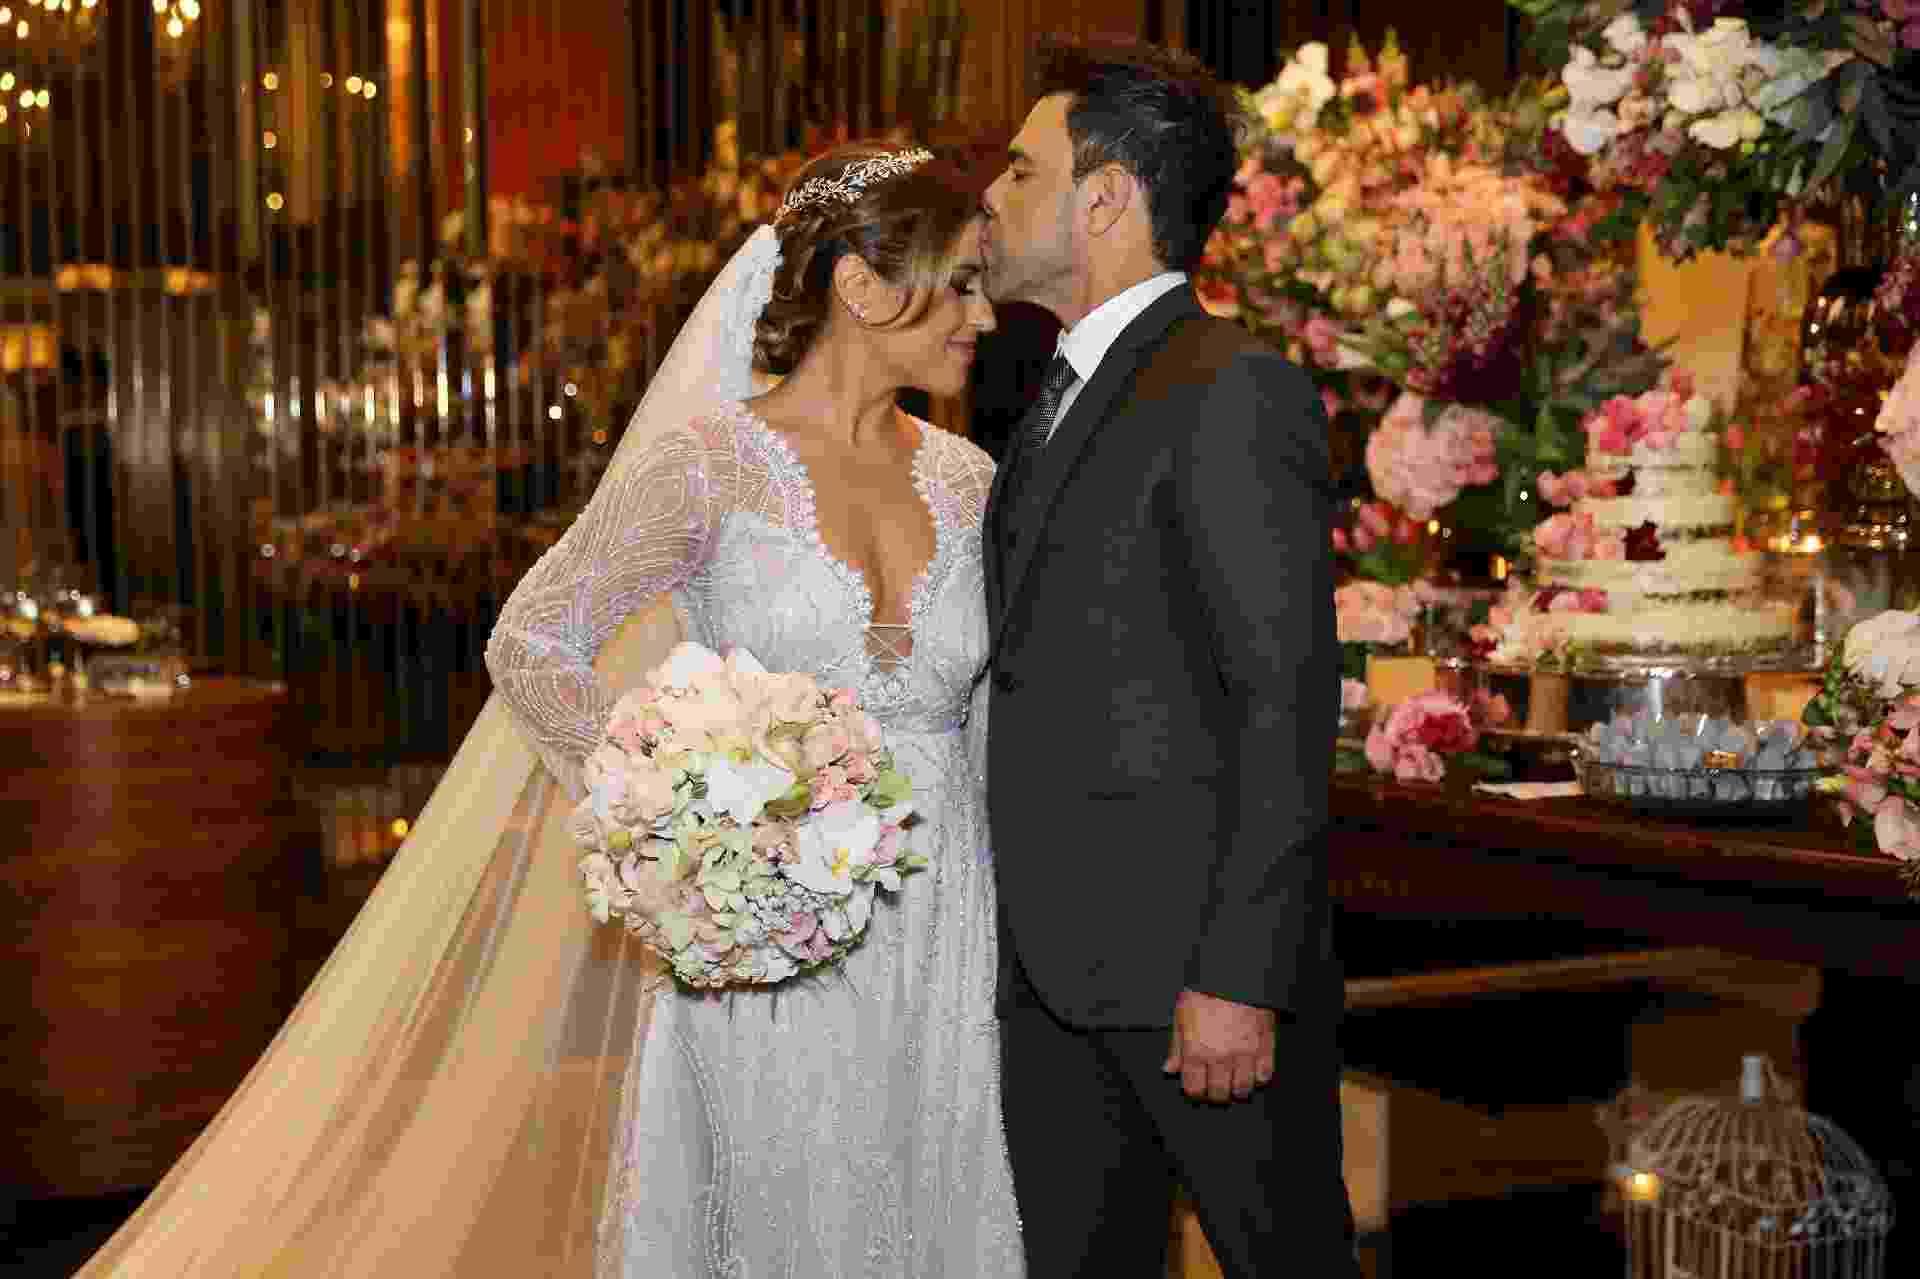 Zezé di Camargo entra com filha em cerimônia de casamento - Manuela Scarpa/Brazil News